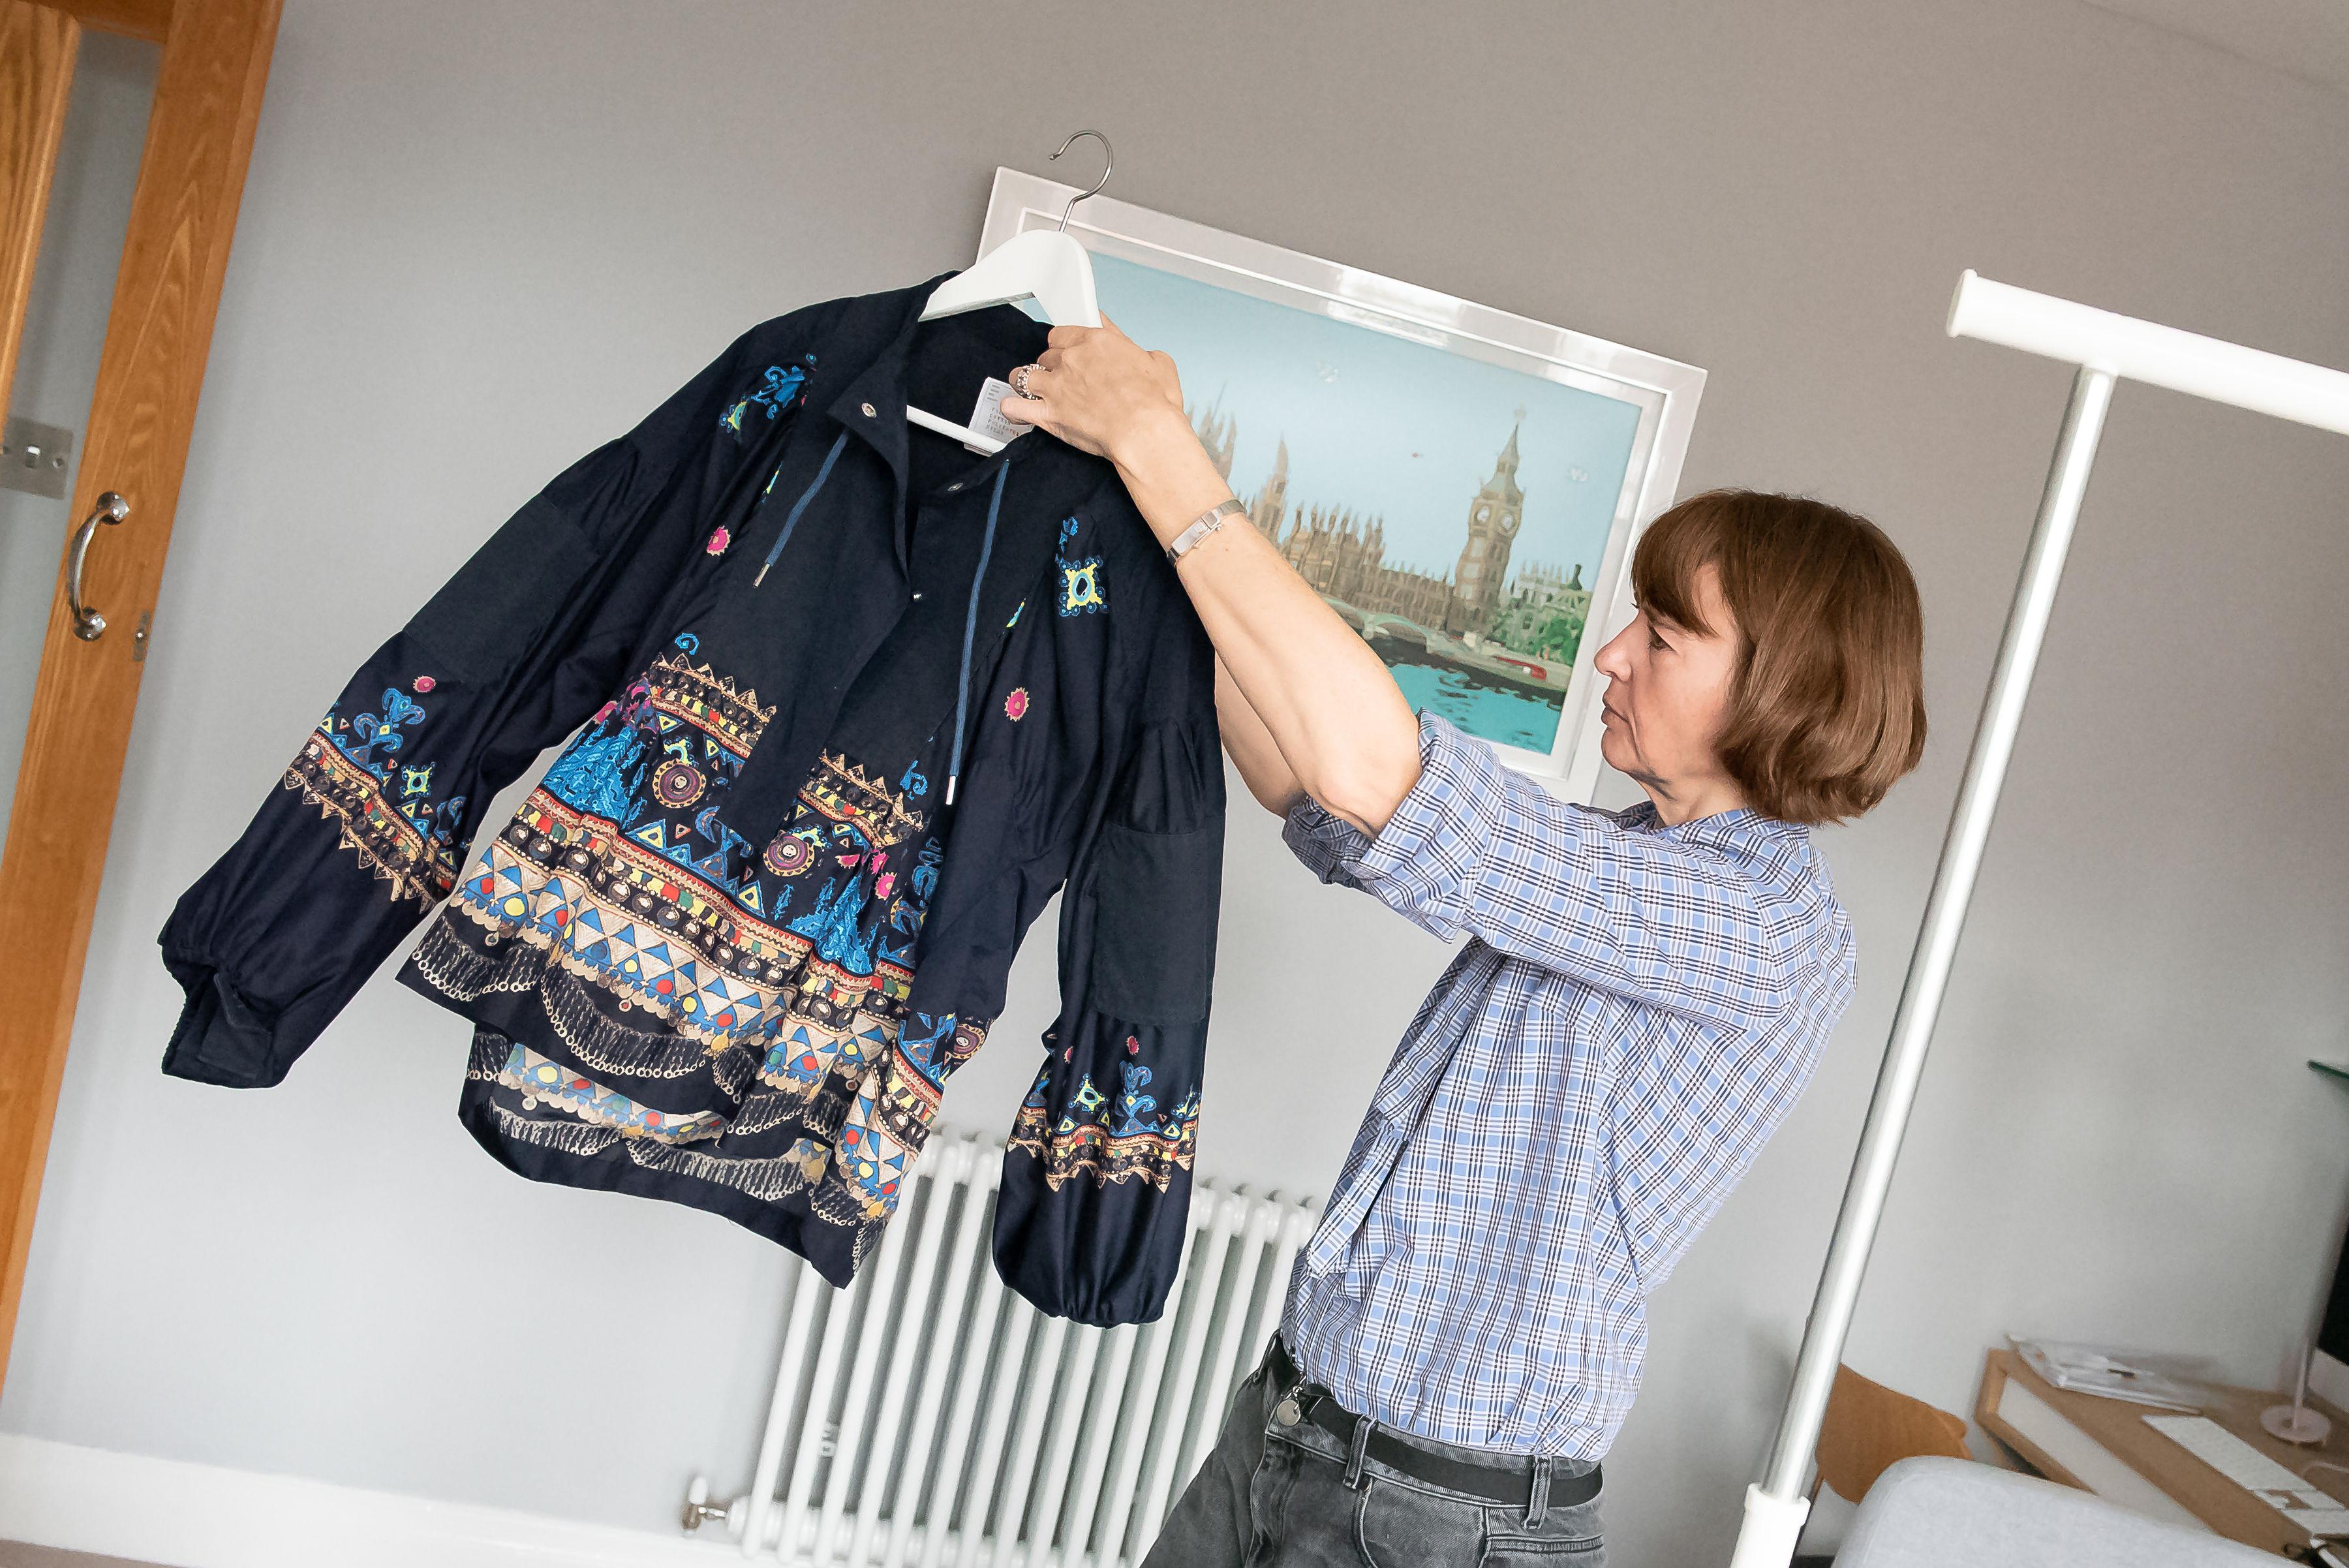 Personal wardrobe consultant